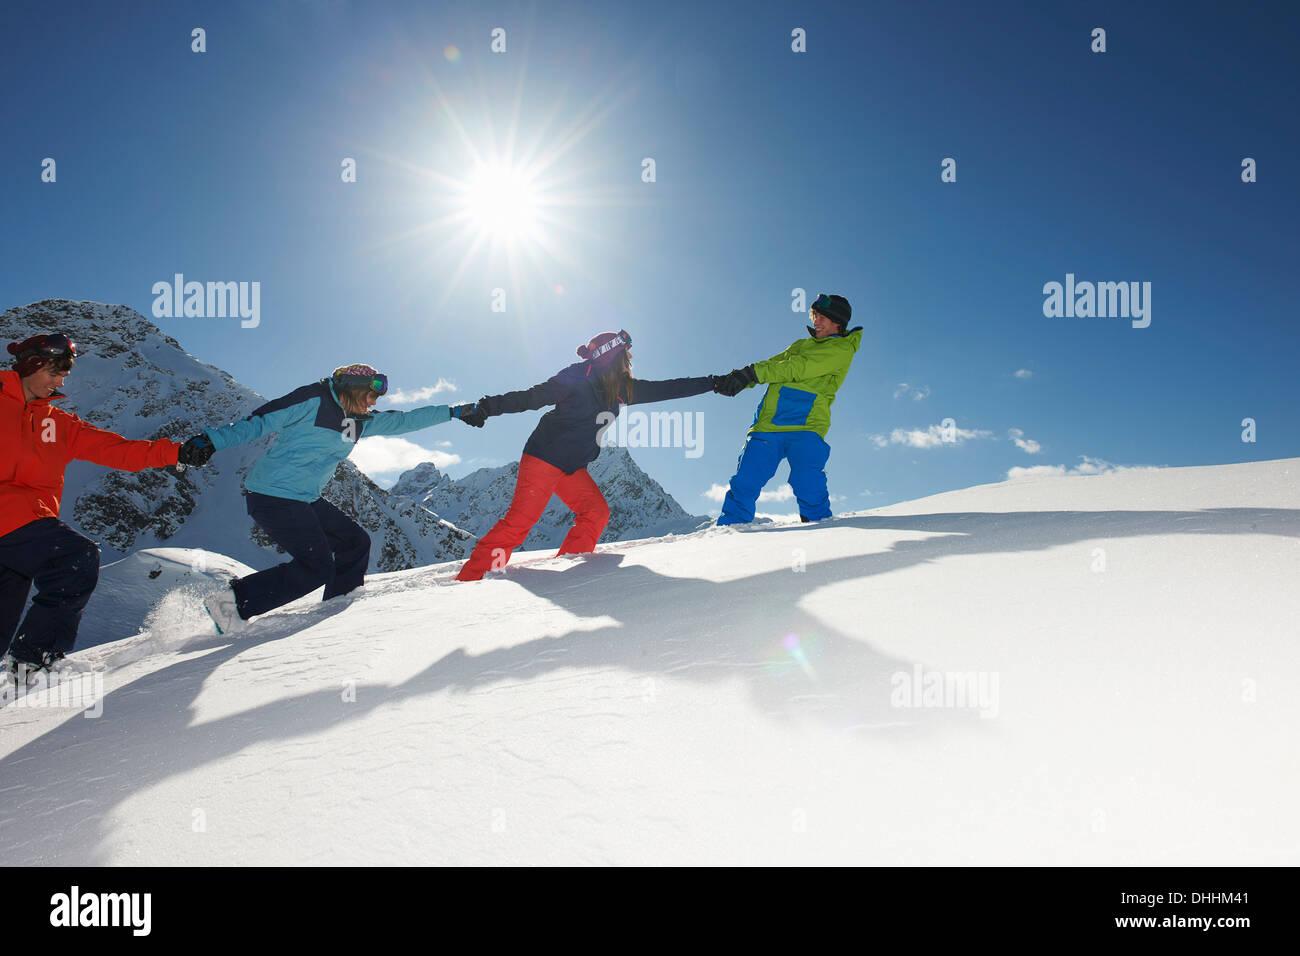 Amici tirando ogni altro in salita nella neve, Kuhtai, Austria Immagini Stock